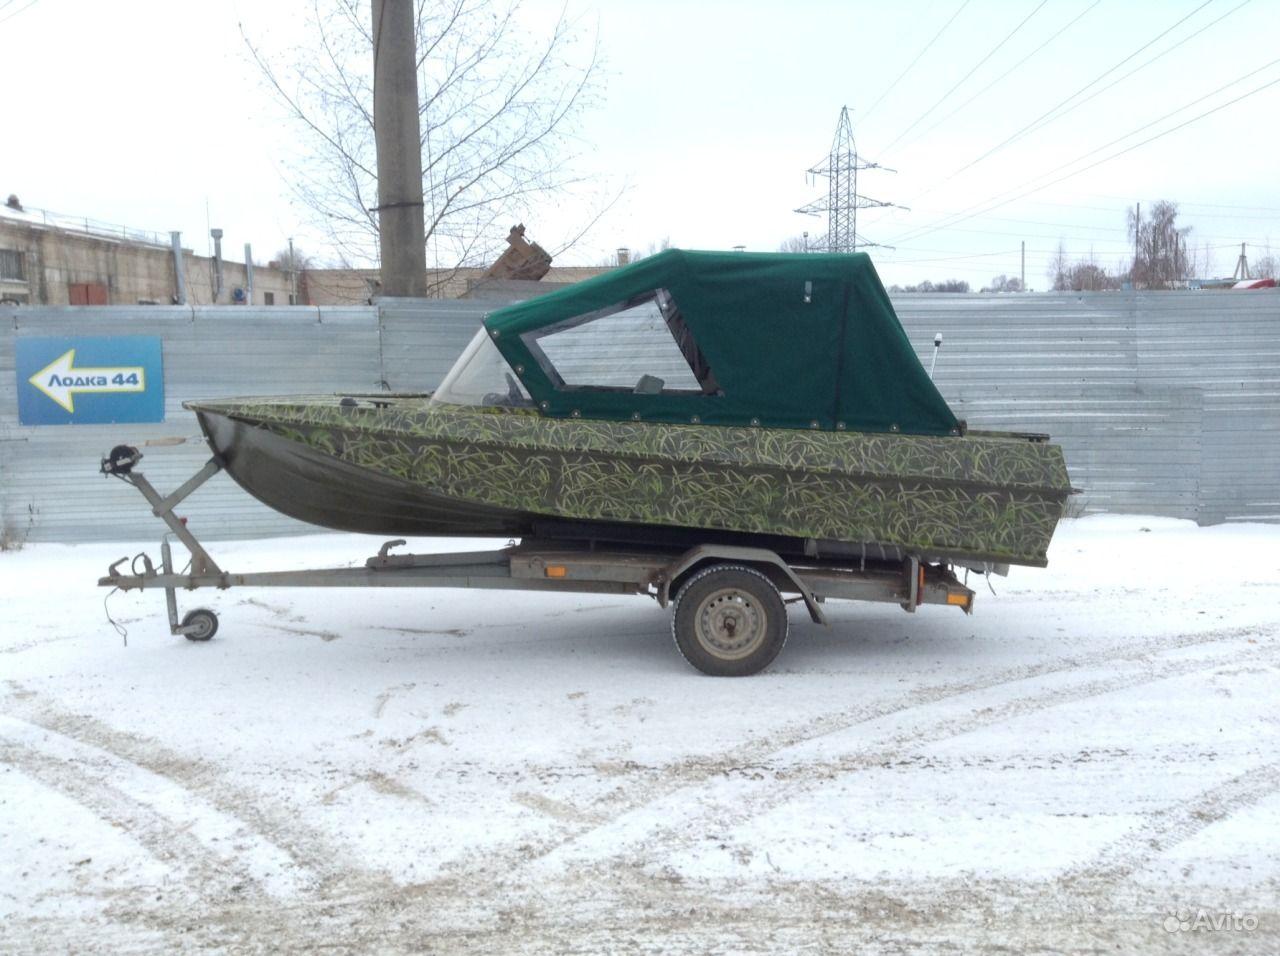 фото лодки днепр с тентом заполнения заявления получение